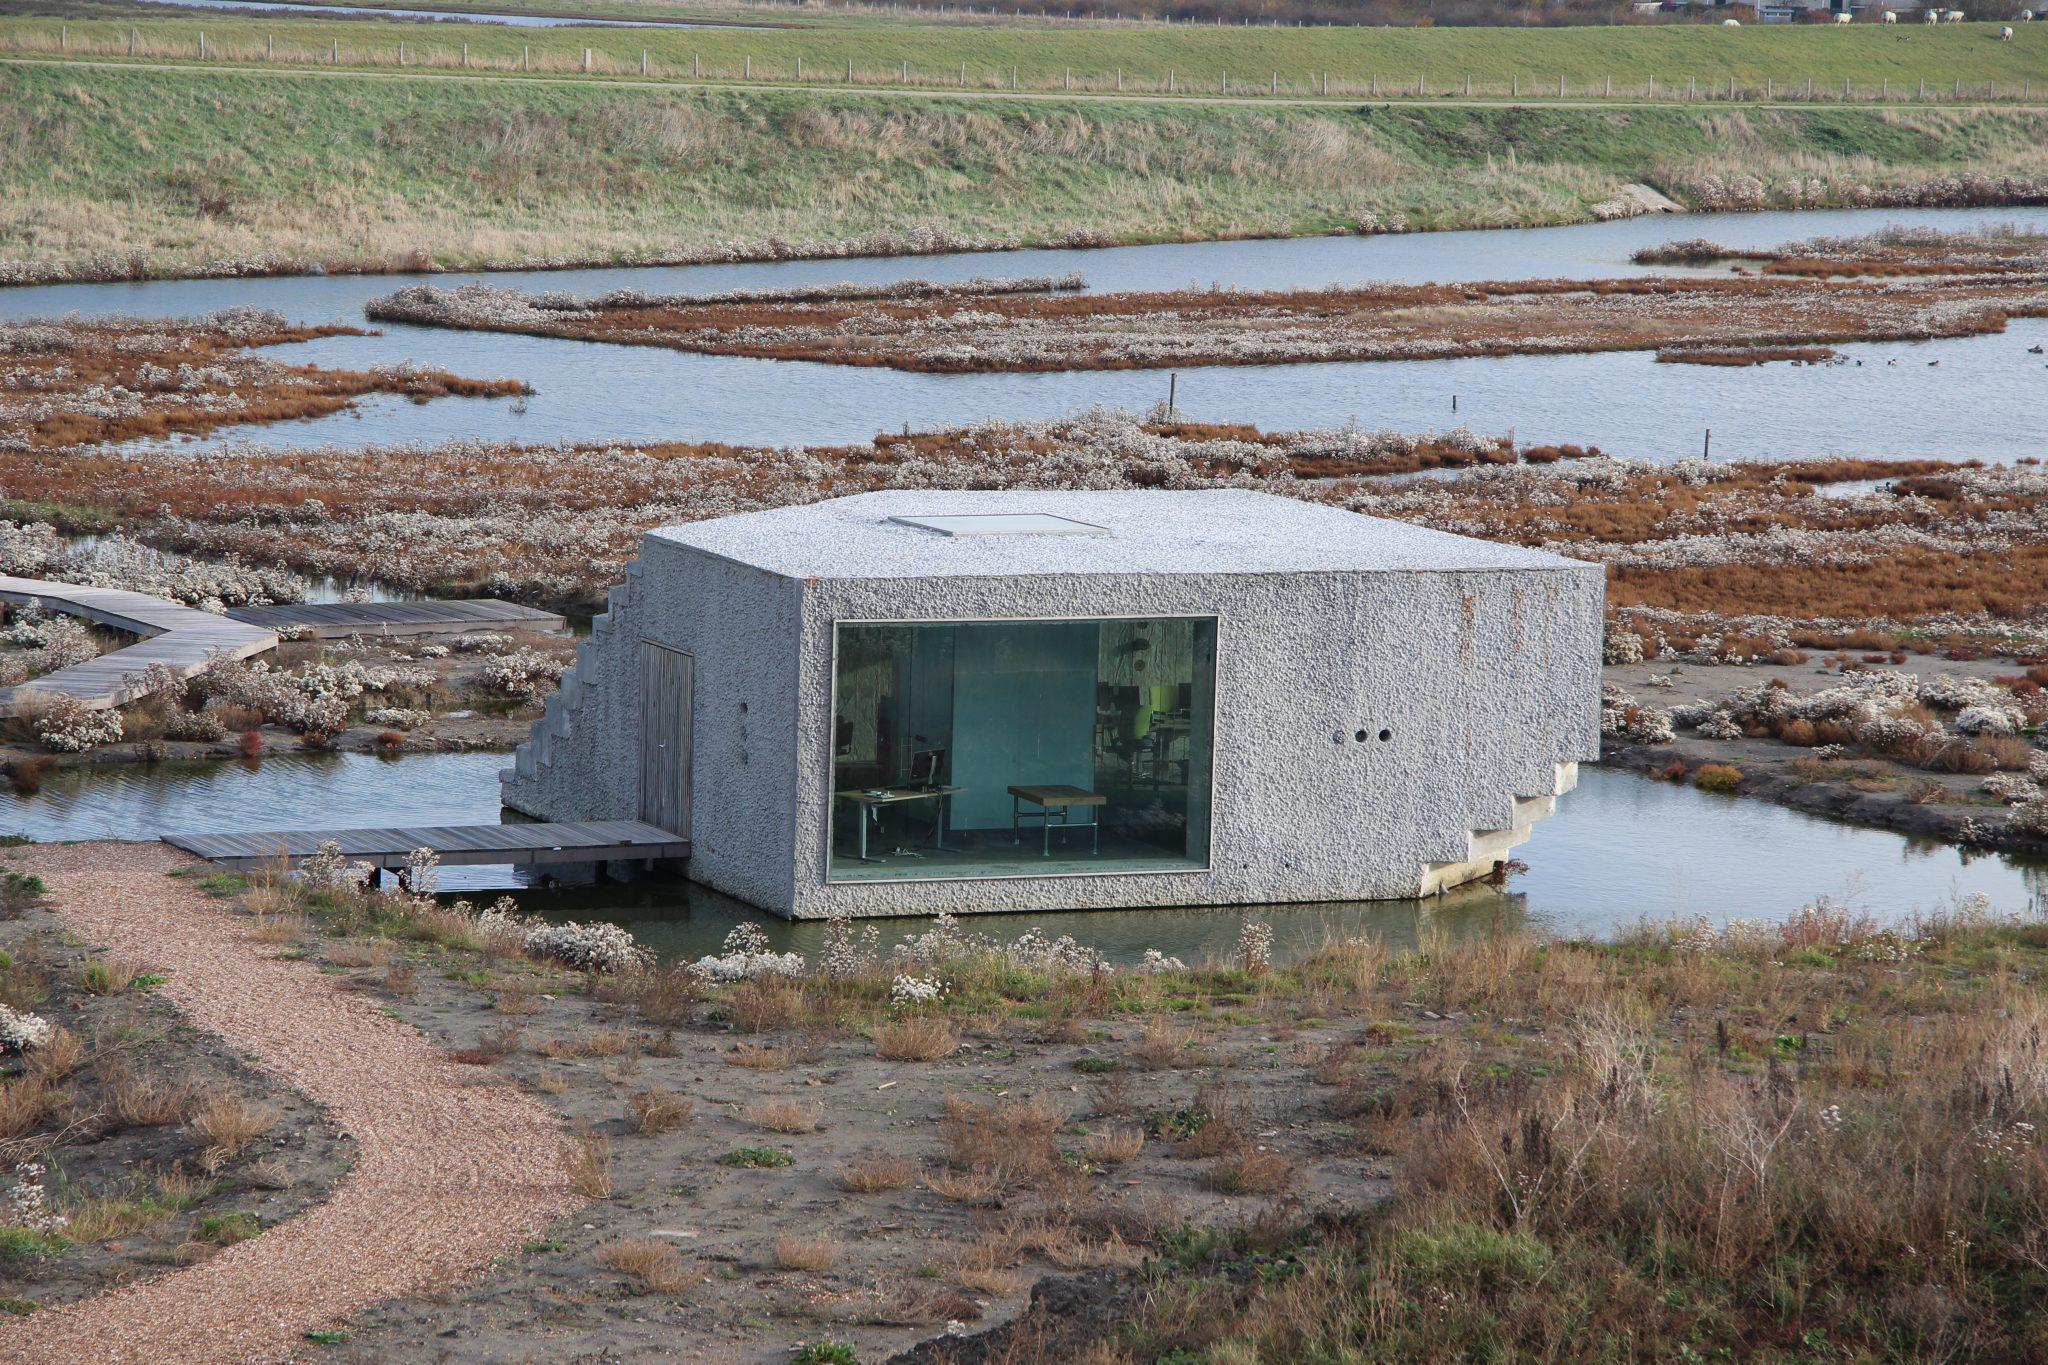 regiokantoor isolerend beton als massieve schil regiokantoor Natuurmonumenten